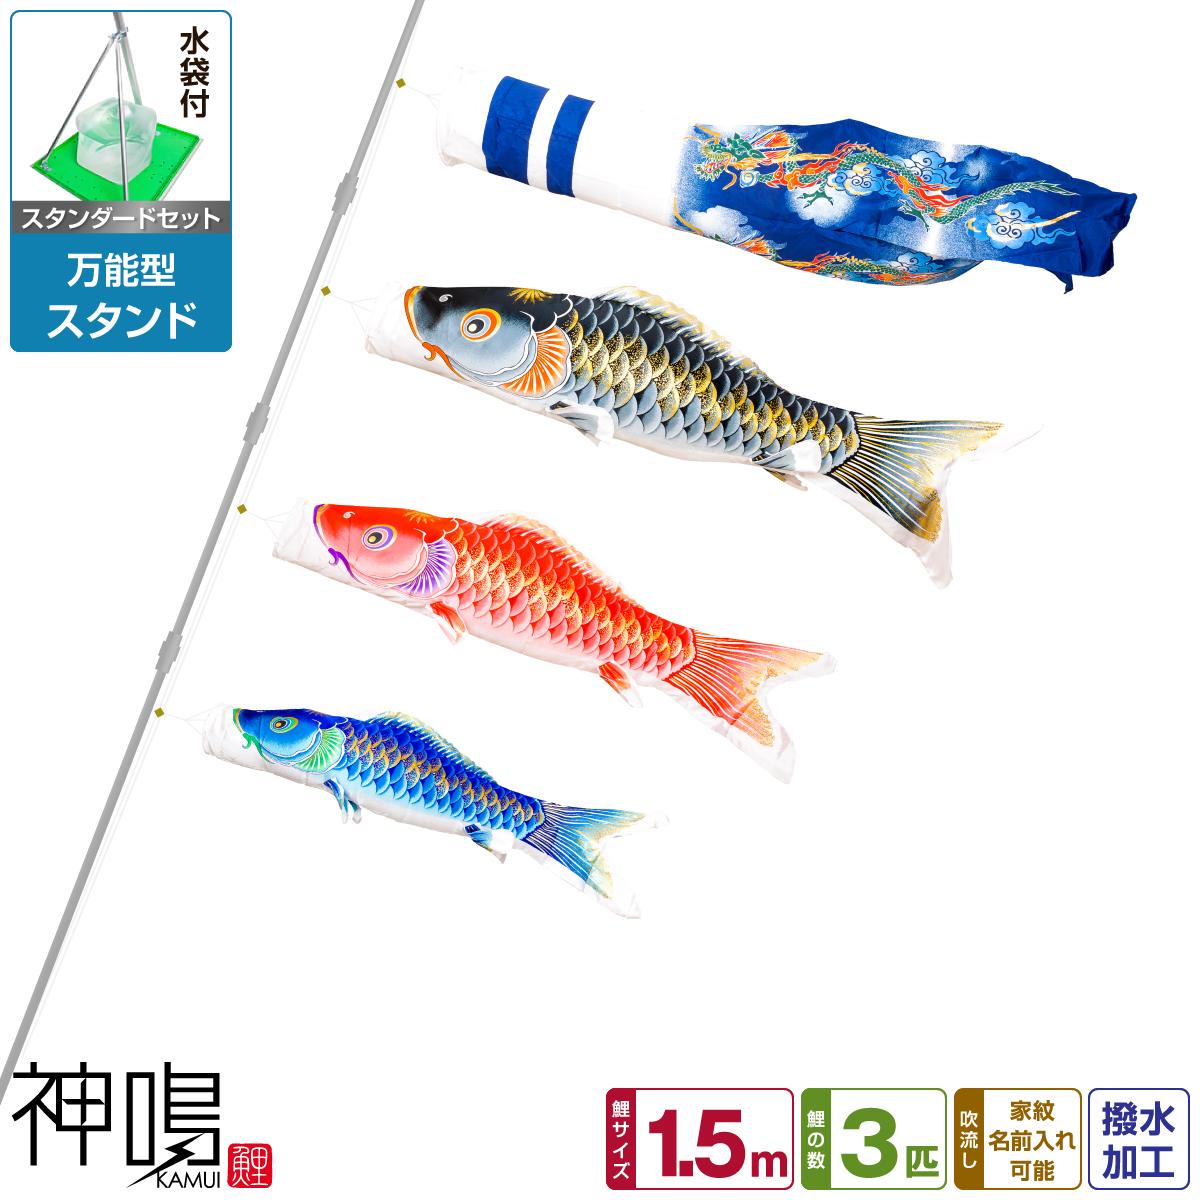 こいのぼり スタンド ベランダ用 庭用 鯉のぼり 鯉のぼり ベランダ/庭/兼用 神鳴鯉-KAMUI- 1.5m 6点(吹流し+鯉3匹+矢車+ロープ)/スタンダードセット(万能スタンド)